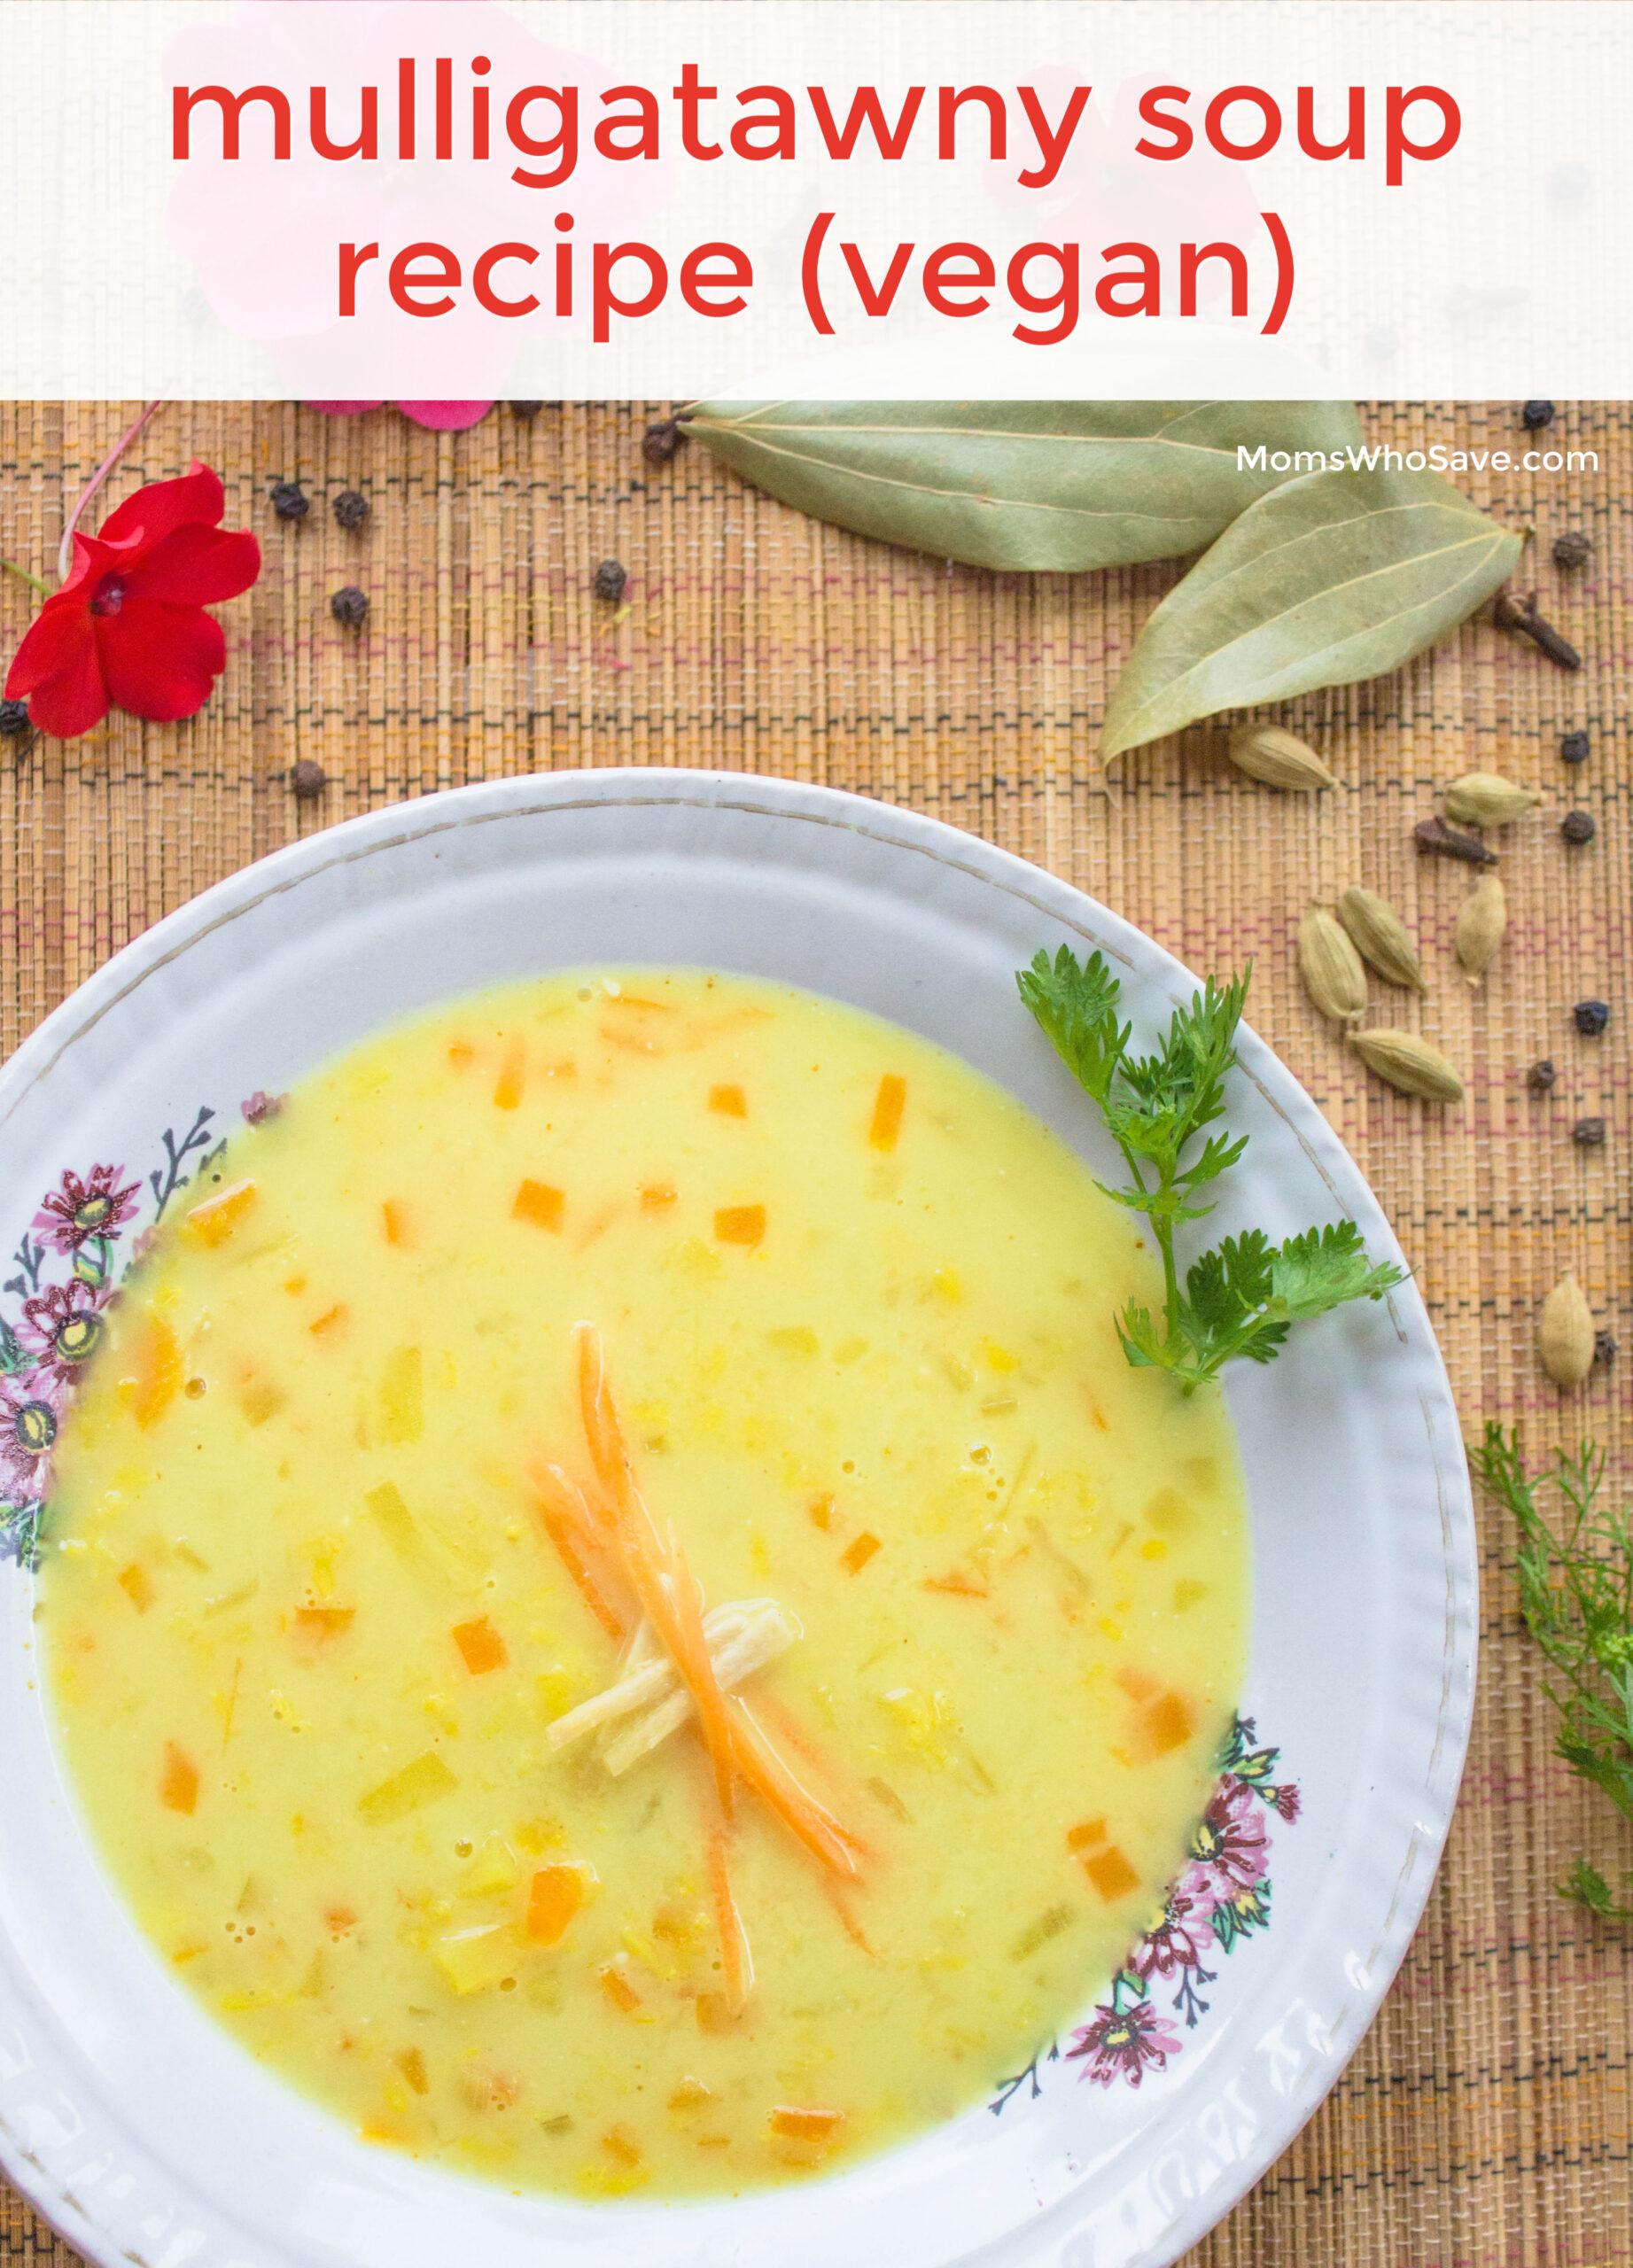 Mulligatawny soup vegan